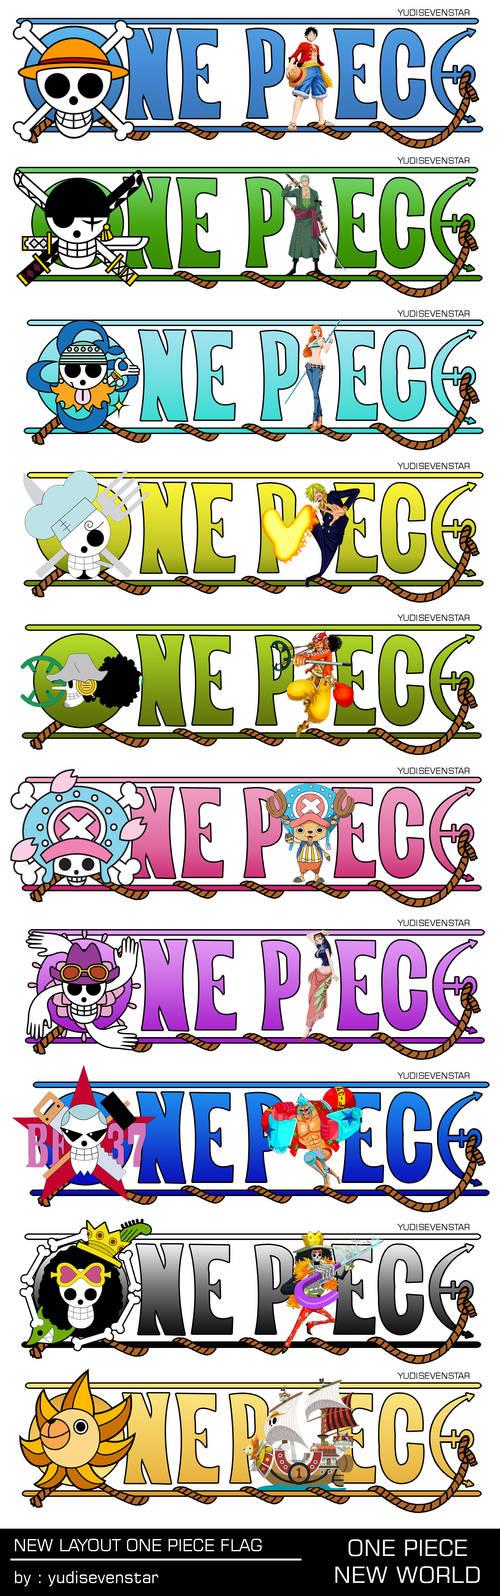 Logo One Piece New World